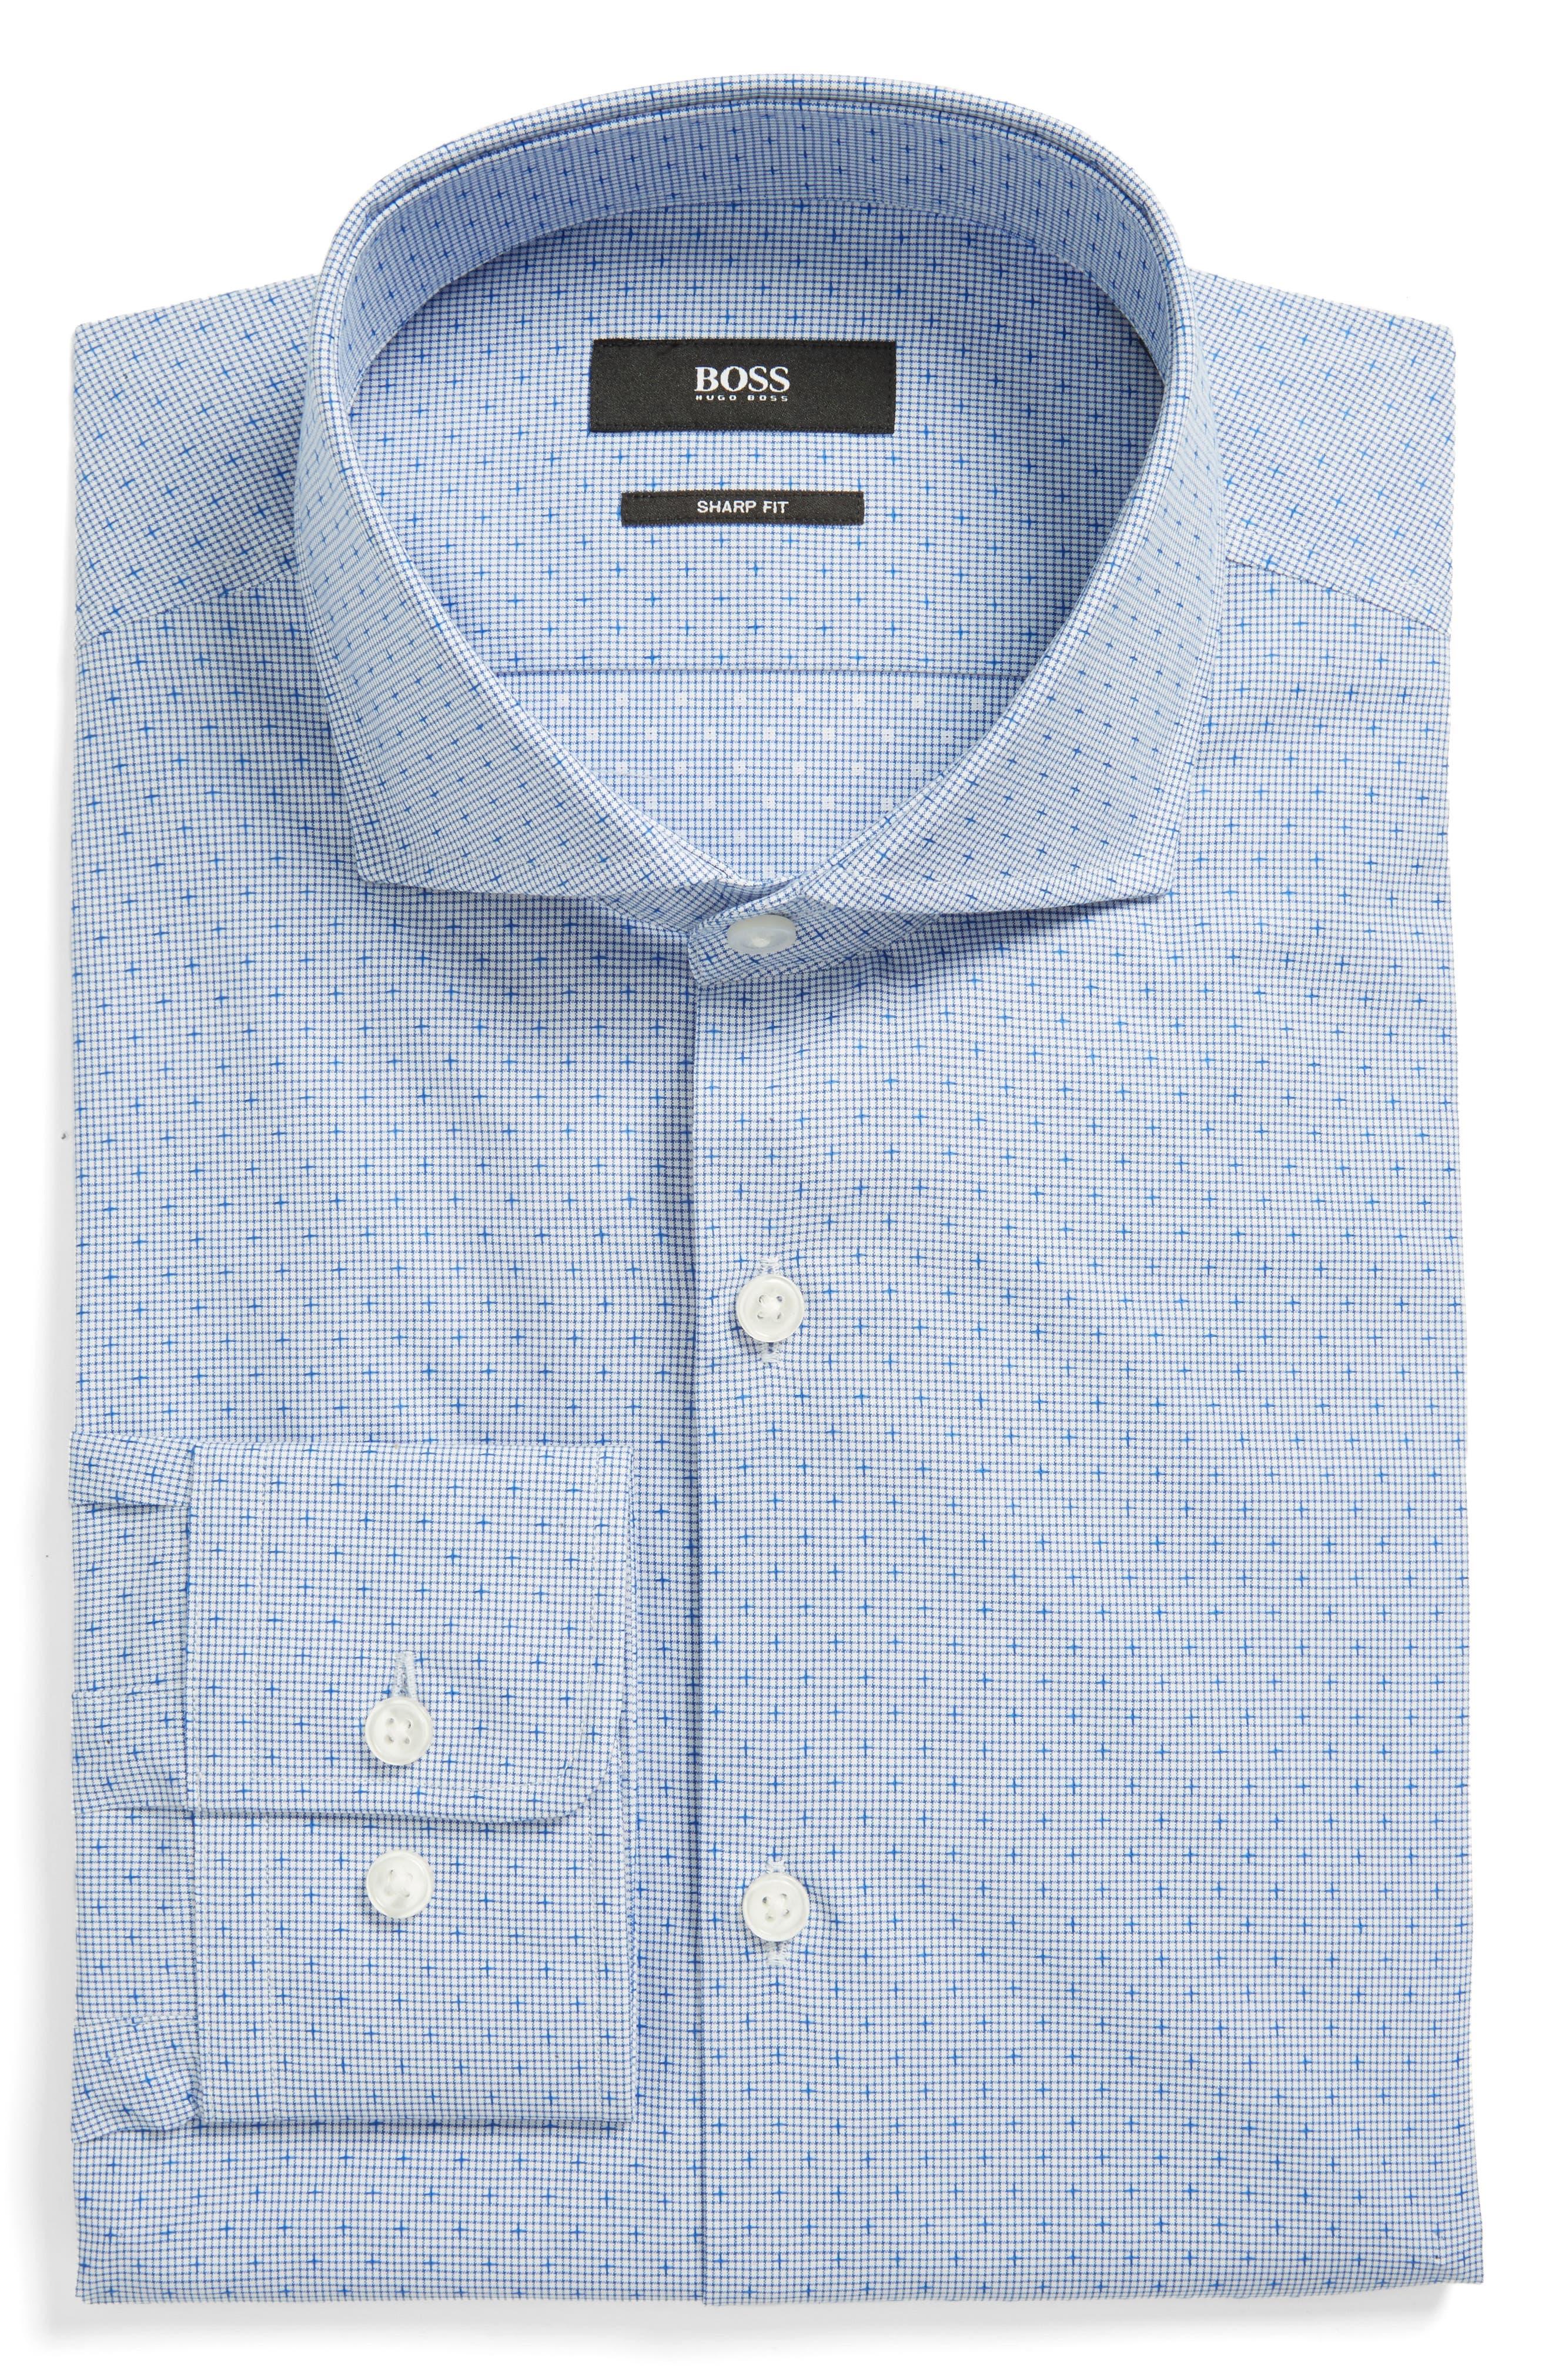 Mark Sharp Fit Dobby Dress Shirt,                         Main,                         color, 420